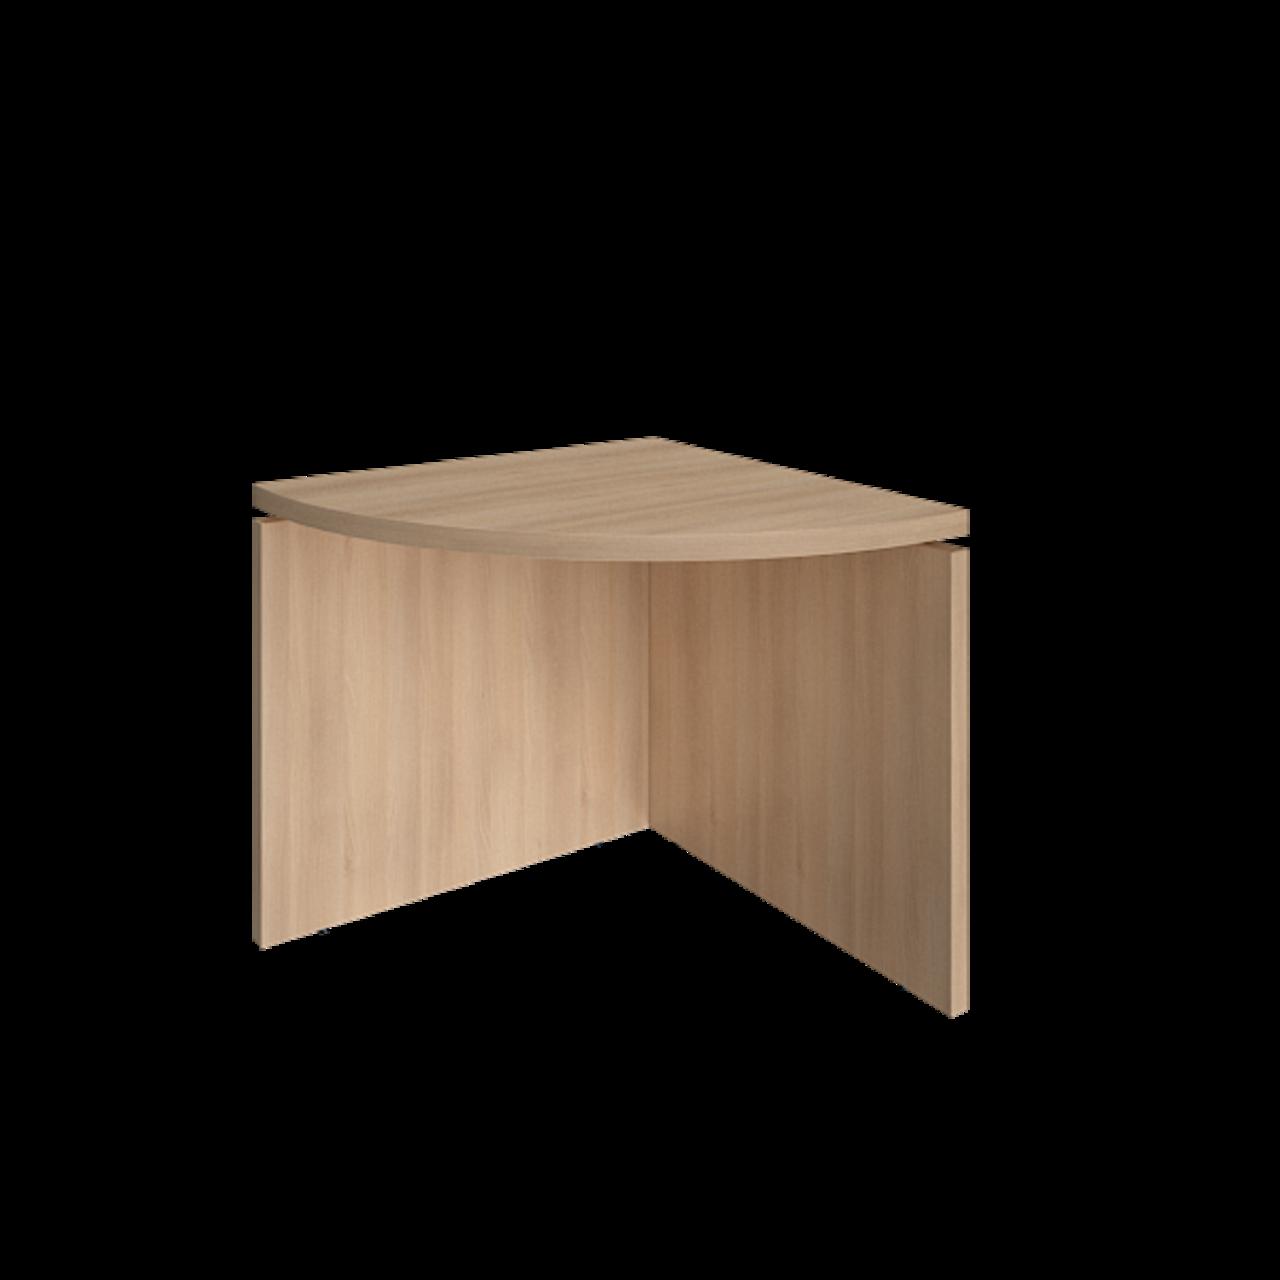 Элемент наборного переговорного стола левый - фото 5